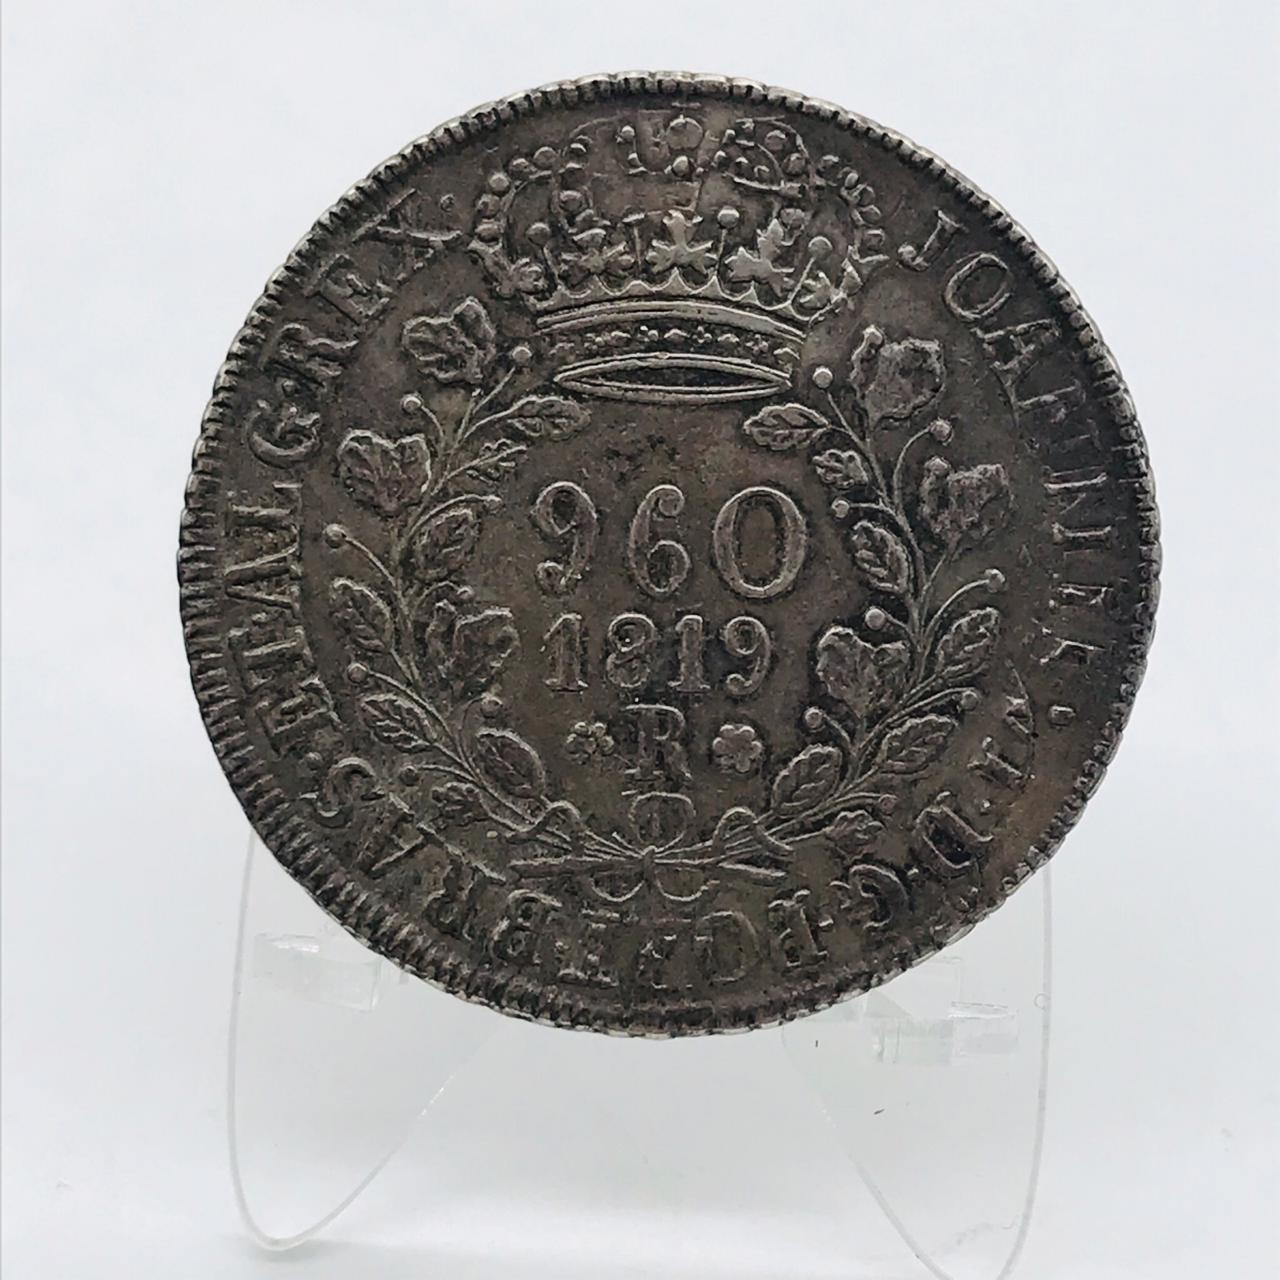 Patacão 960 reis 1819 R